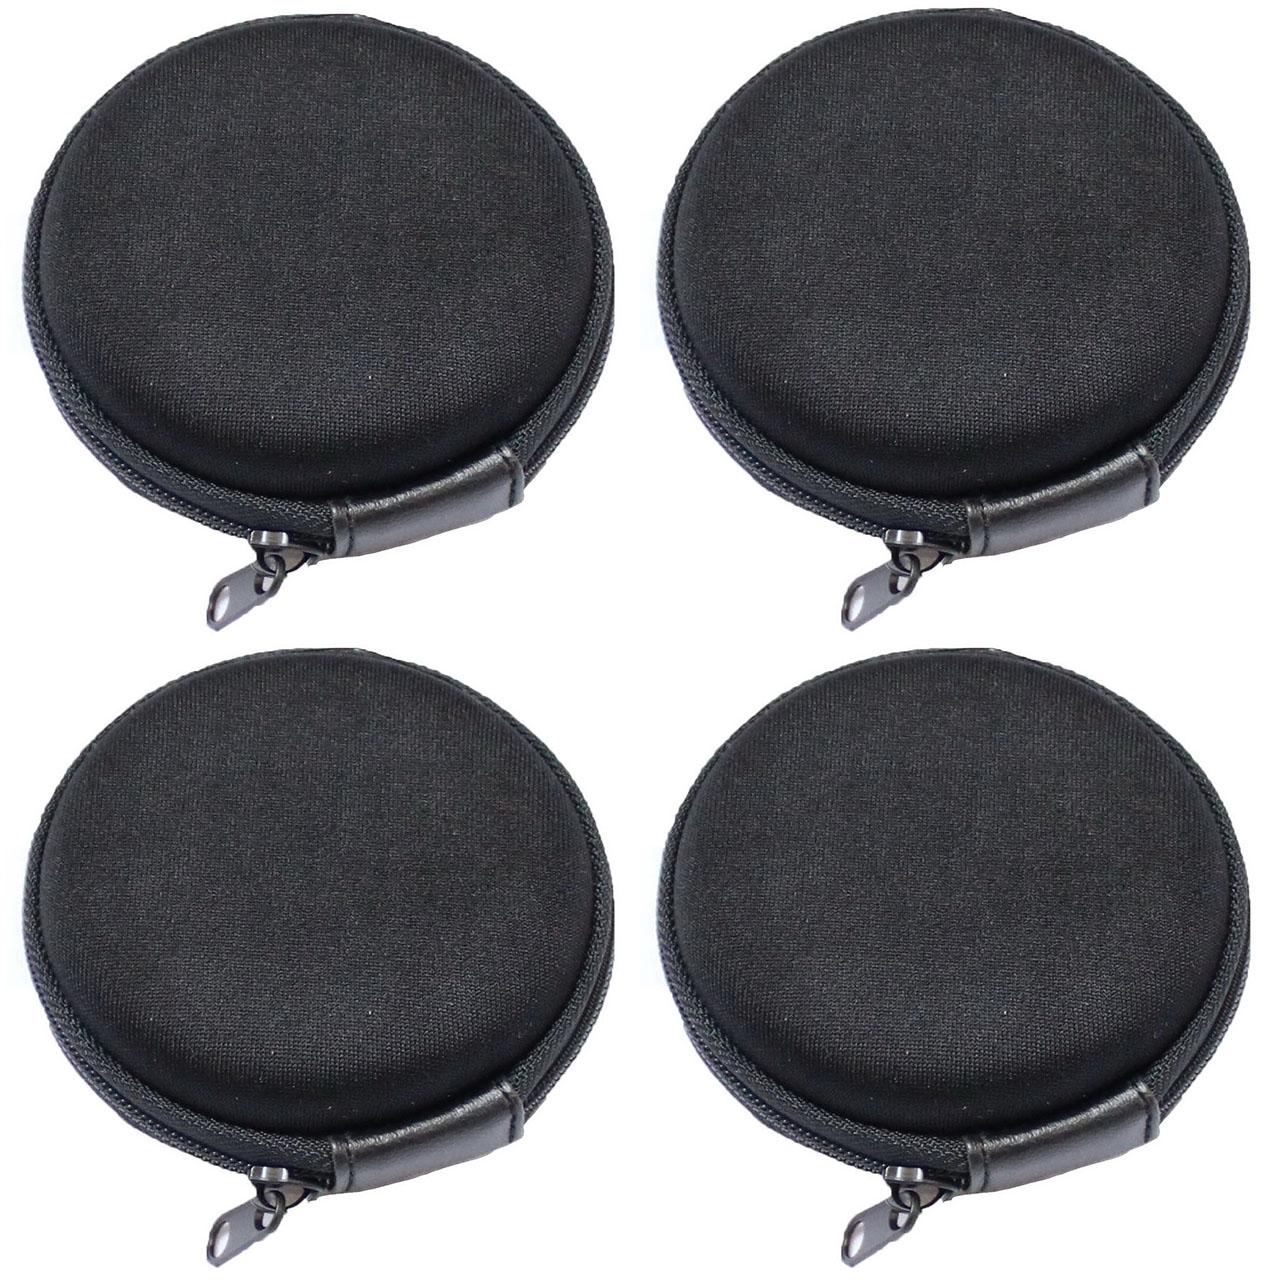 کیف هندزفری مدل Black بسته 4 عددی              ( قیمت و خرید)